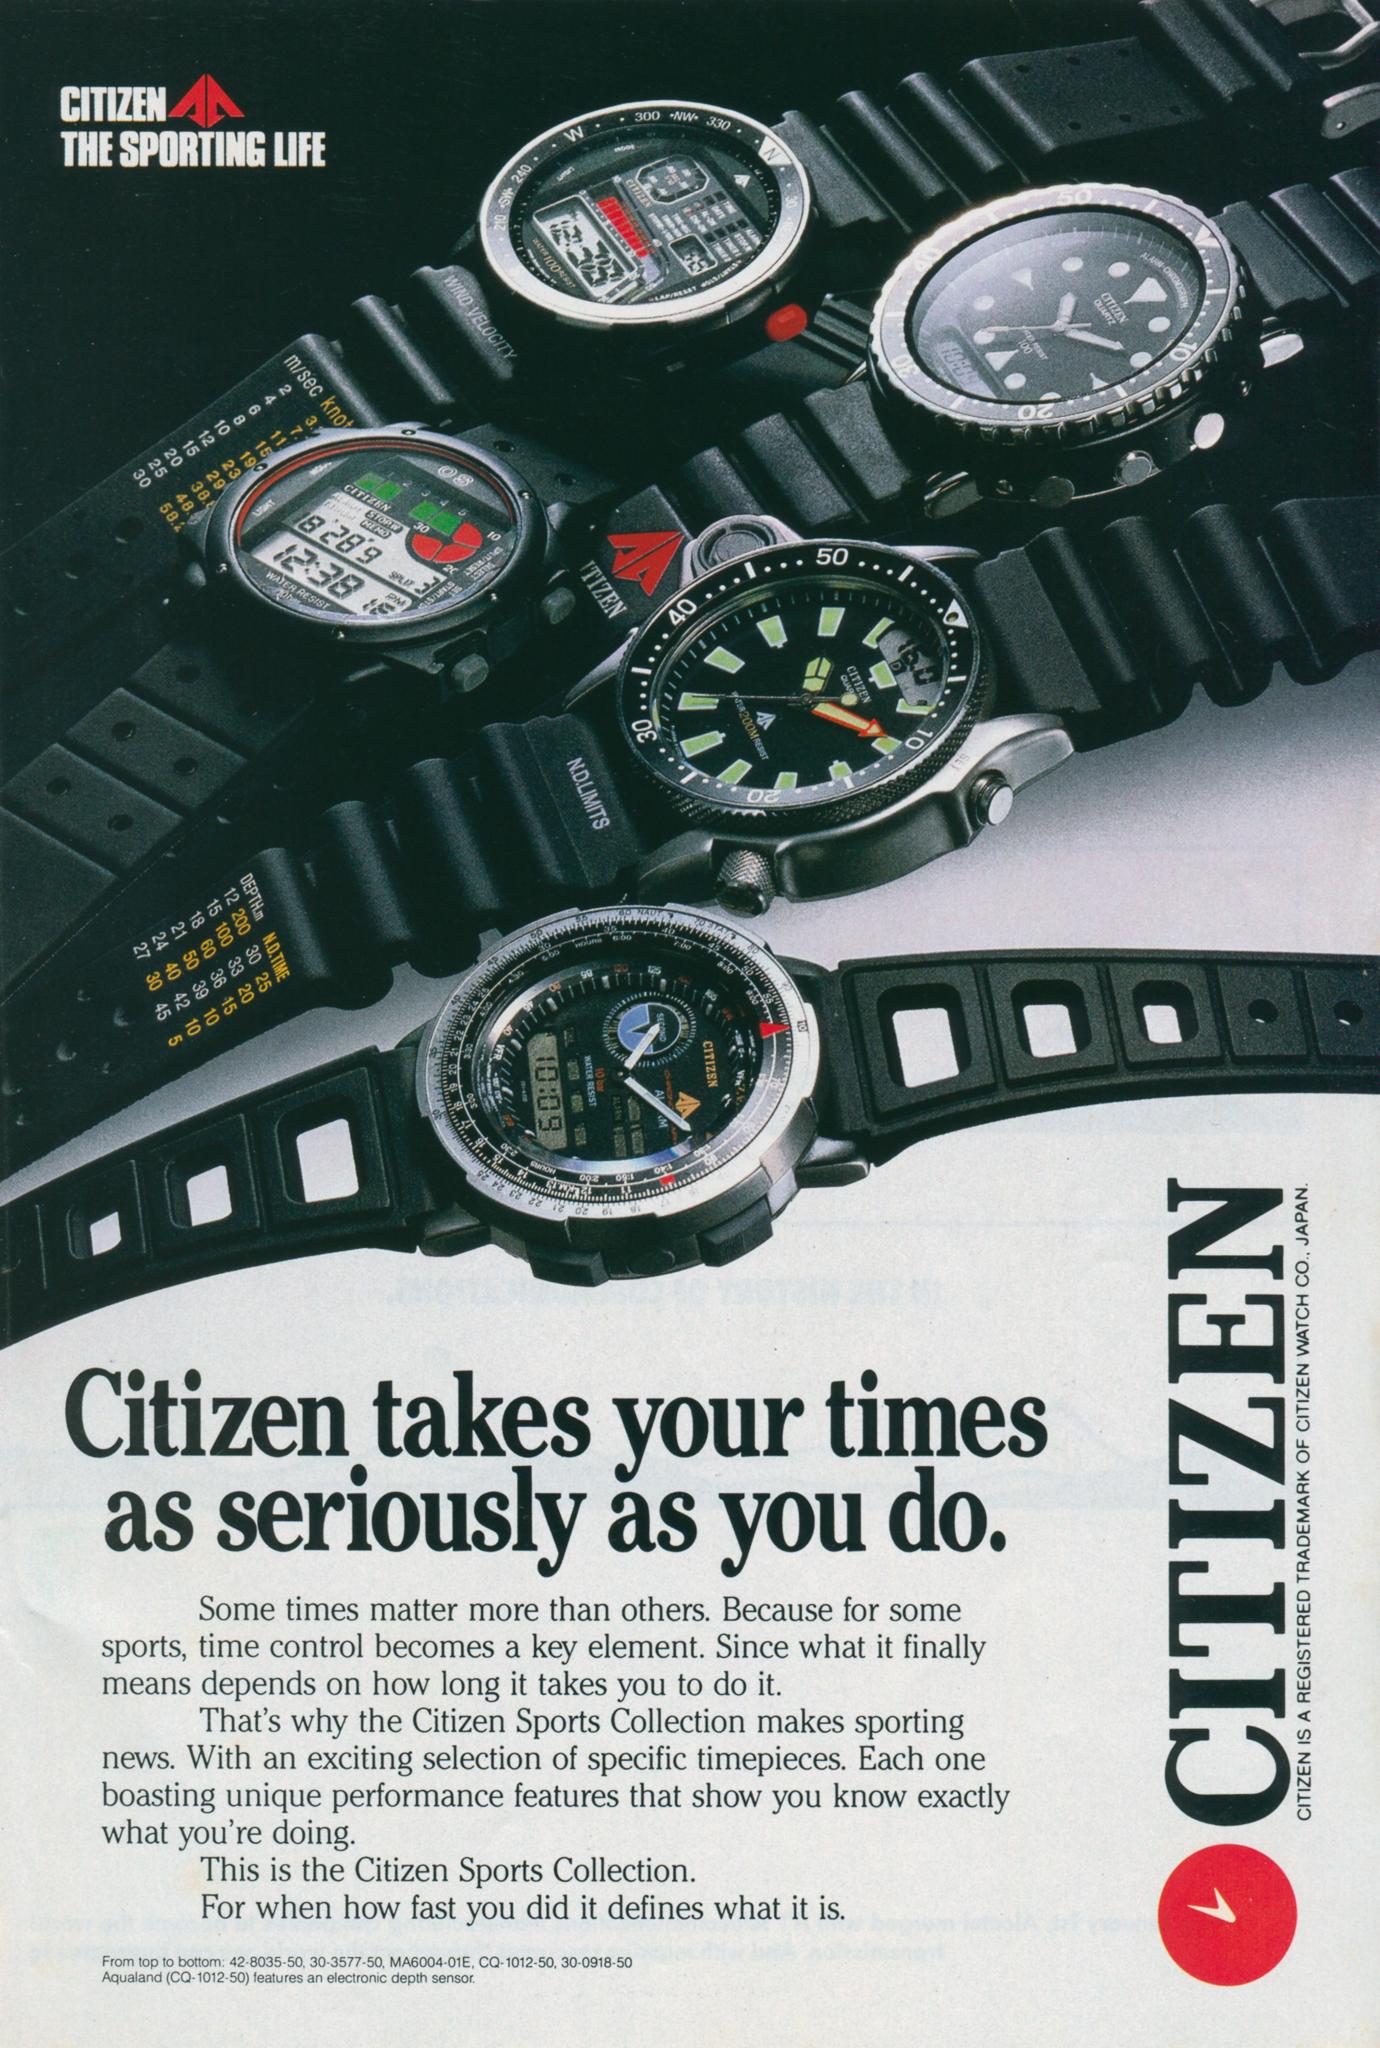 Publicidade Citizen Sports Collection - Anos 80 Citizen%2520takes%2520your%2520time%2520as%2520seriously%2520as%2520you%2520do